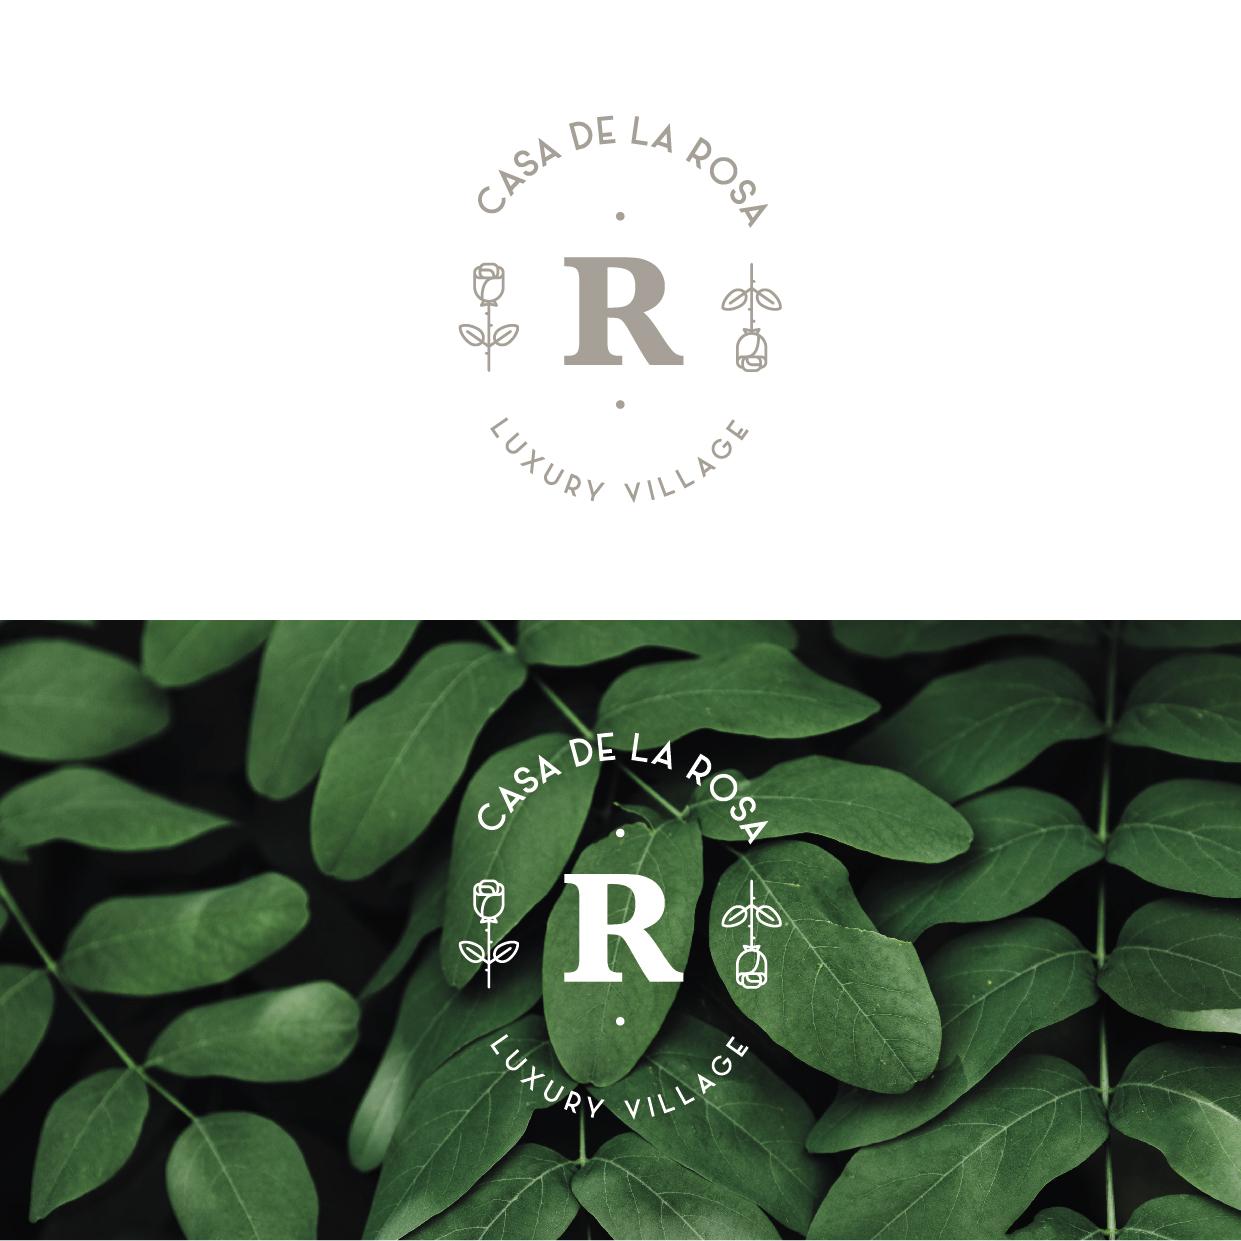 Логотип + Фирменный знак для элитного поселка Casa De La Rosa фото f_6265cd4dc33c21f5.jpg